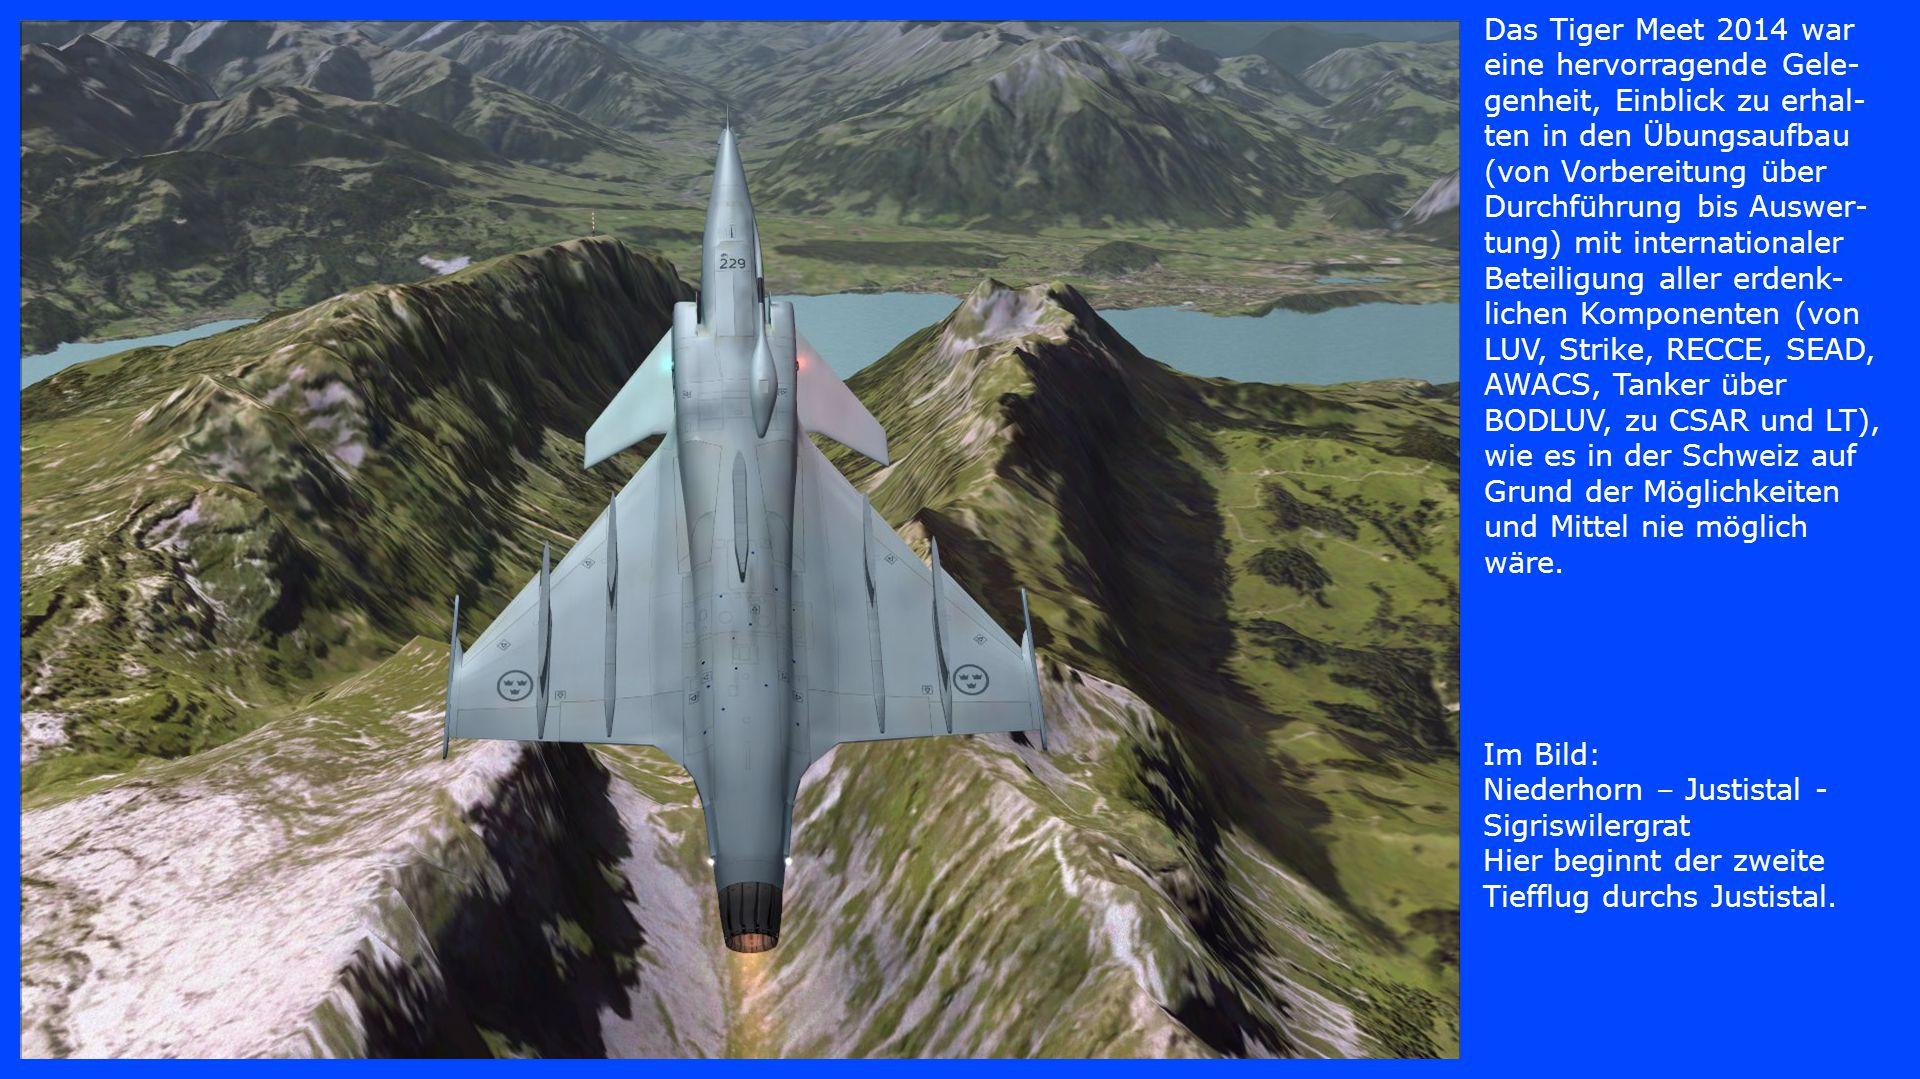 Das Tiger Meet 2014 war eine hervorragende Gele-genheit, Einblick zu erhal-ten in den Übungsaufbau (von Vorbereitung über Durchführung bis Auswer-tung) mit internationaler Beteiligung aller erdenk-lichen Komponenten (von LUV, Strike, RECCE, SEAD, AWACS, Tanker über BODLUV, zu CSAR und LT), wie es in der Schweiz auf Grund der Möglichkeiten und Mittel nie möglich wäre.